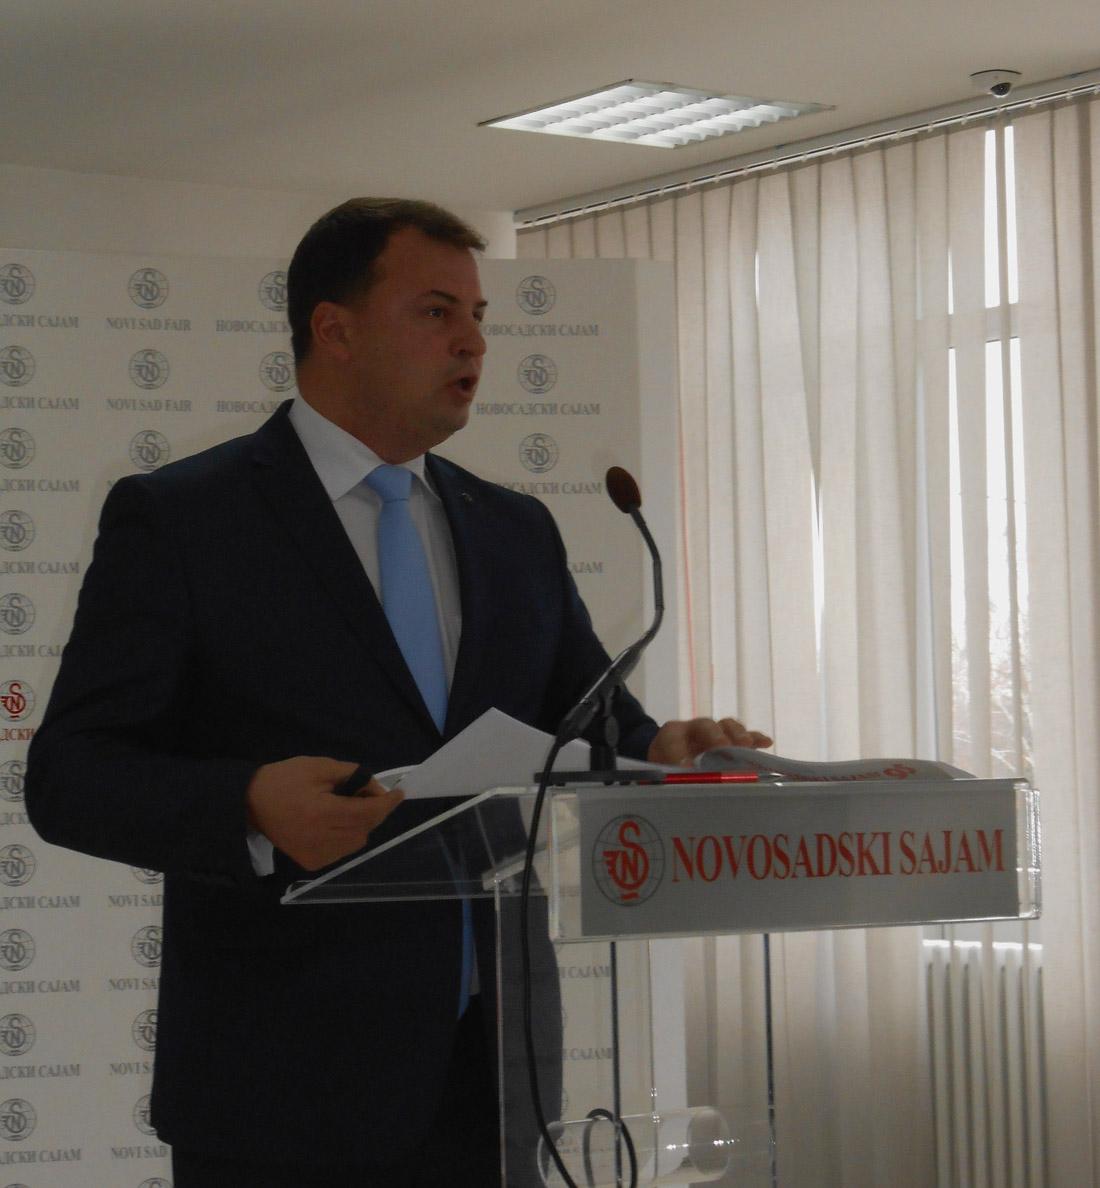 2-generalni-direktor-novosadskog-sajma-mr-slobodan-cvetkovic-2